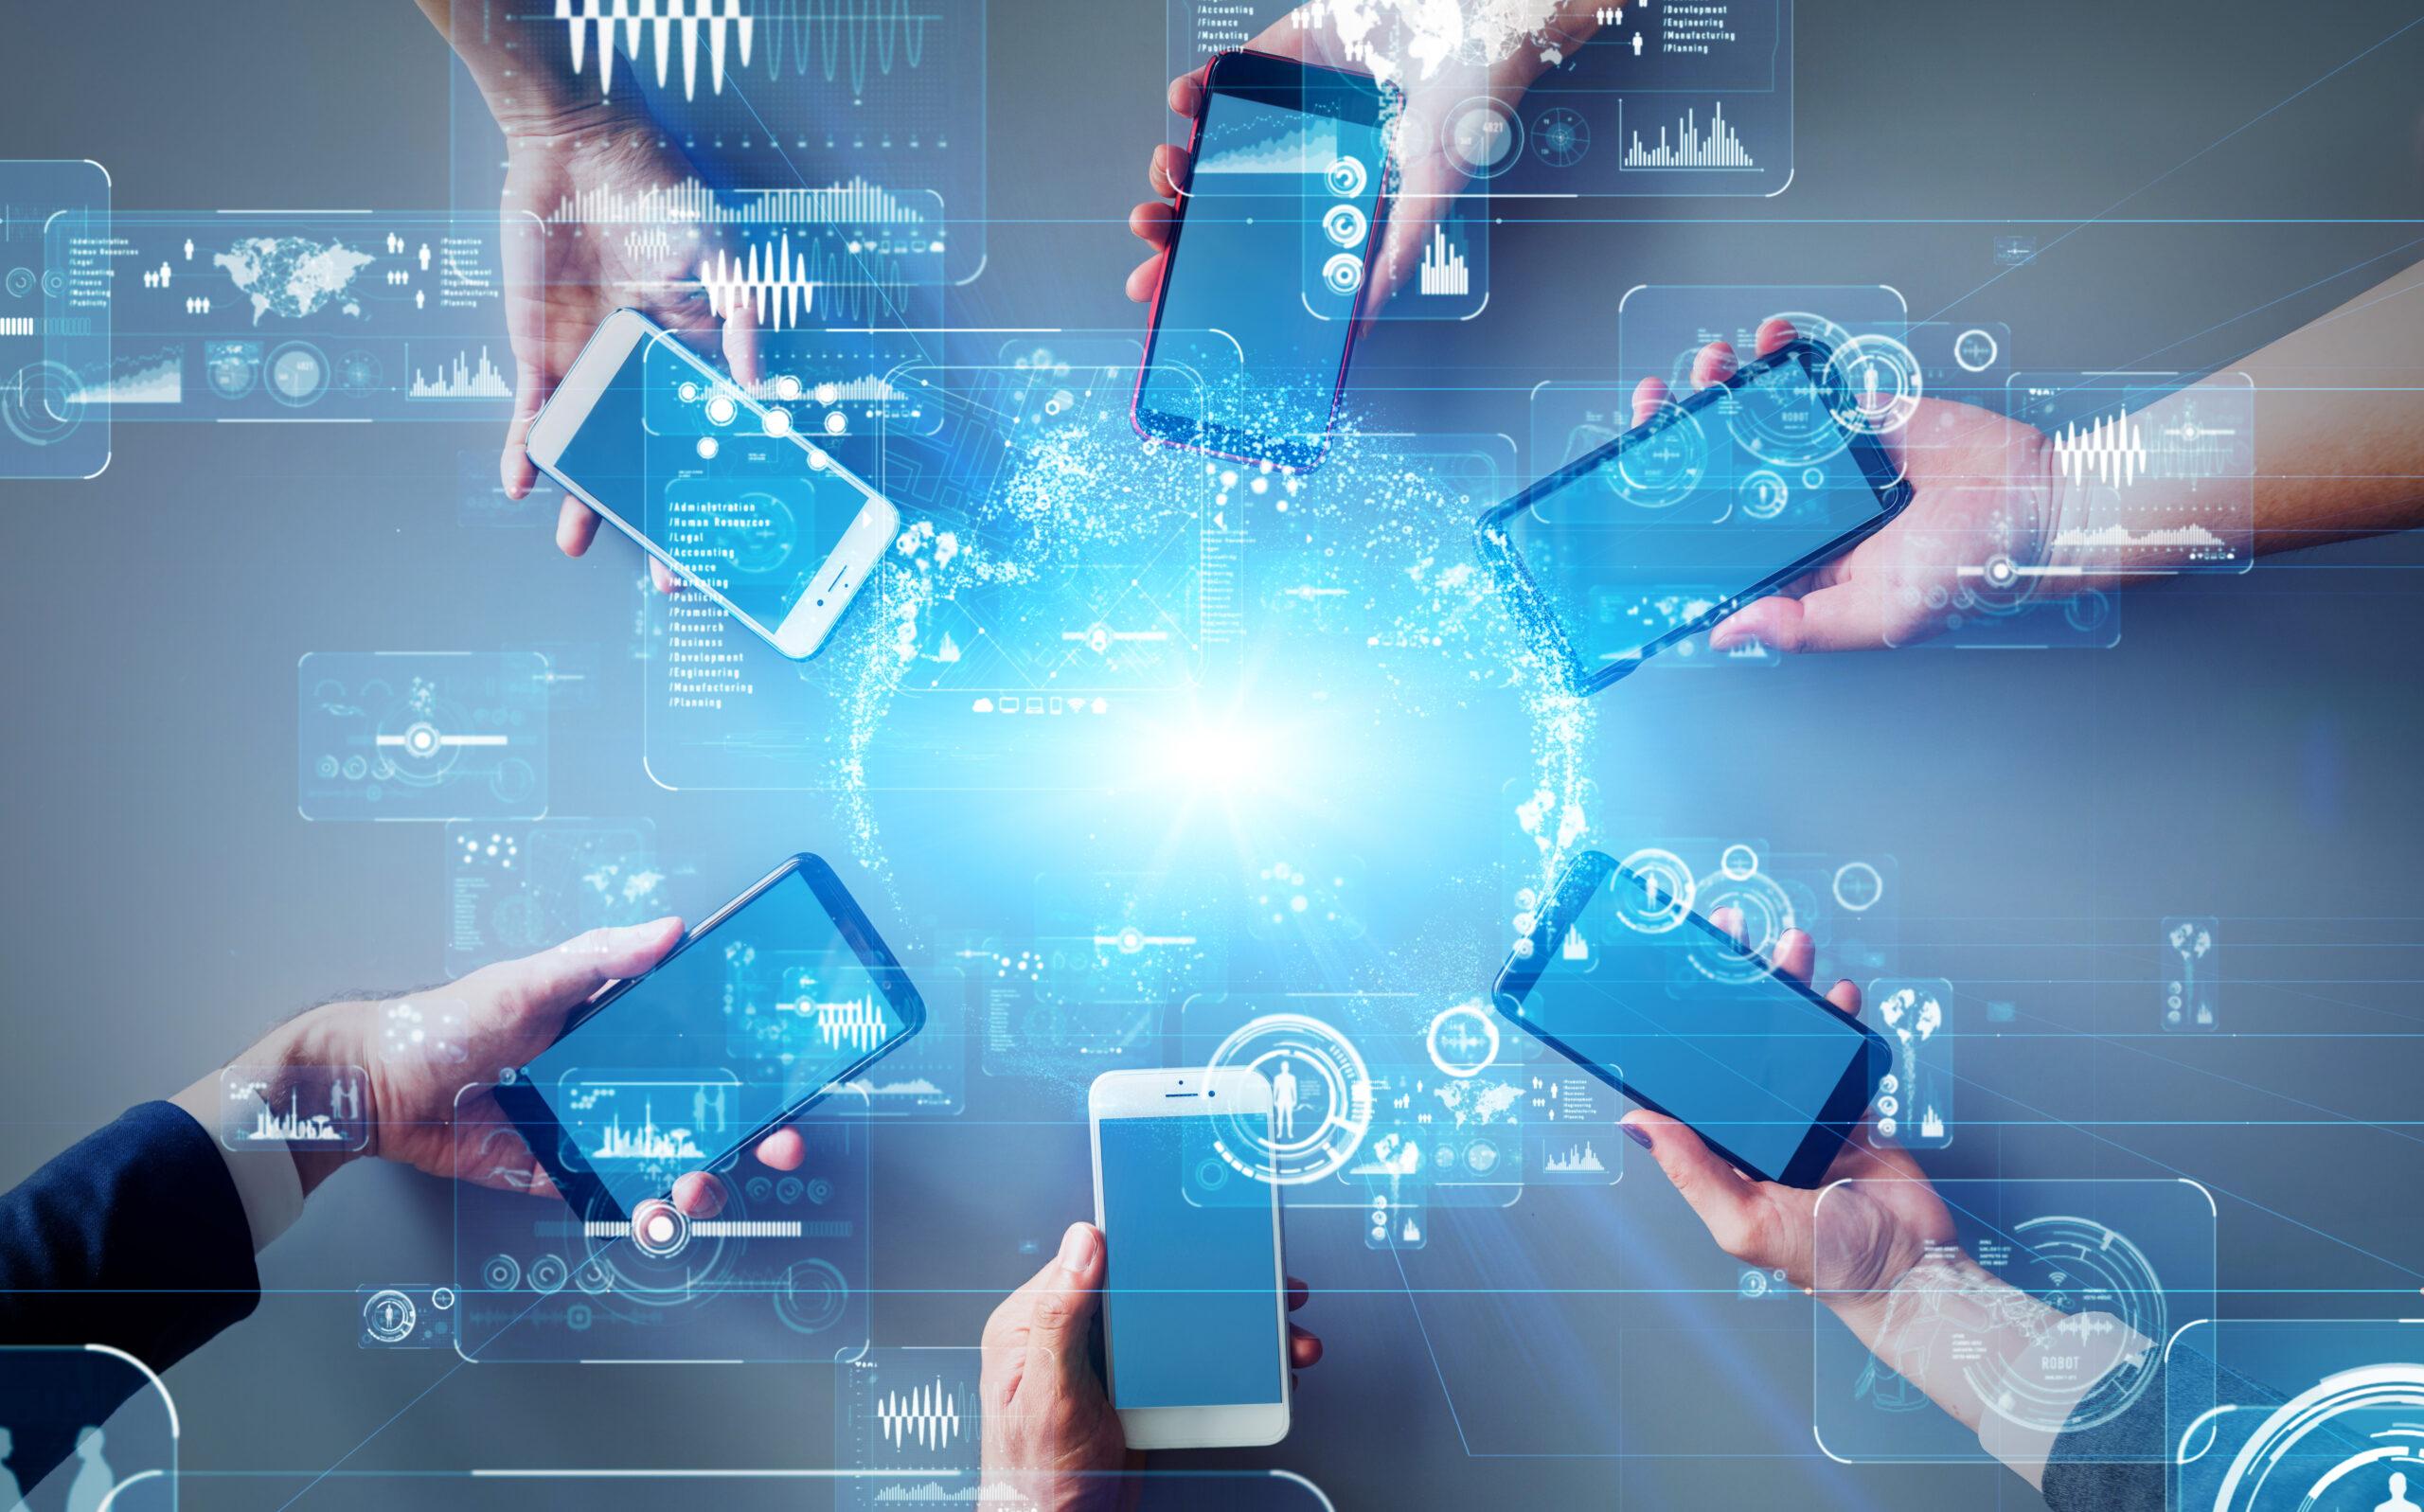 Lösungen für Cloud-native 5G-Infrastrukturen vorgestellt